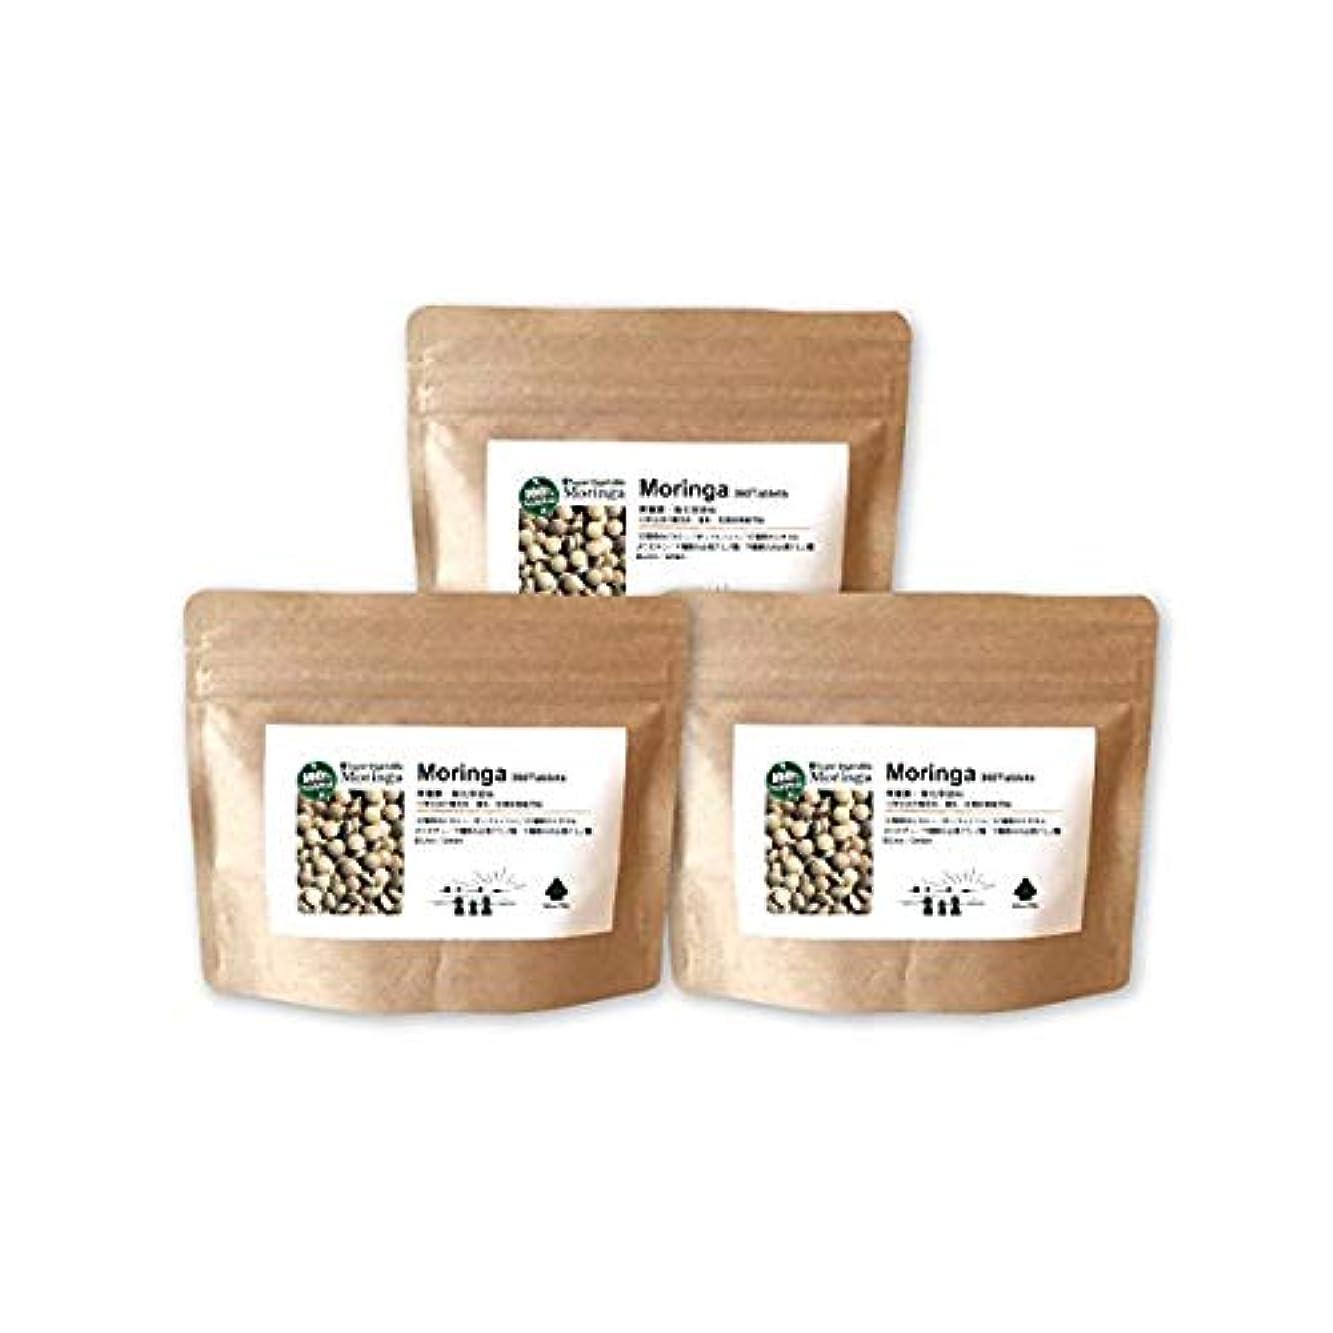 デザイナー一方、自然公園モリンガ粒(3個セット) 沖縄産の無農薬?無化学肥料栽培モリンガ葉使用